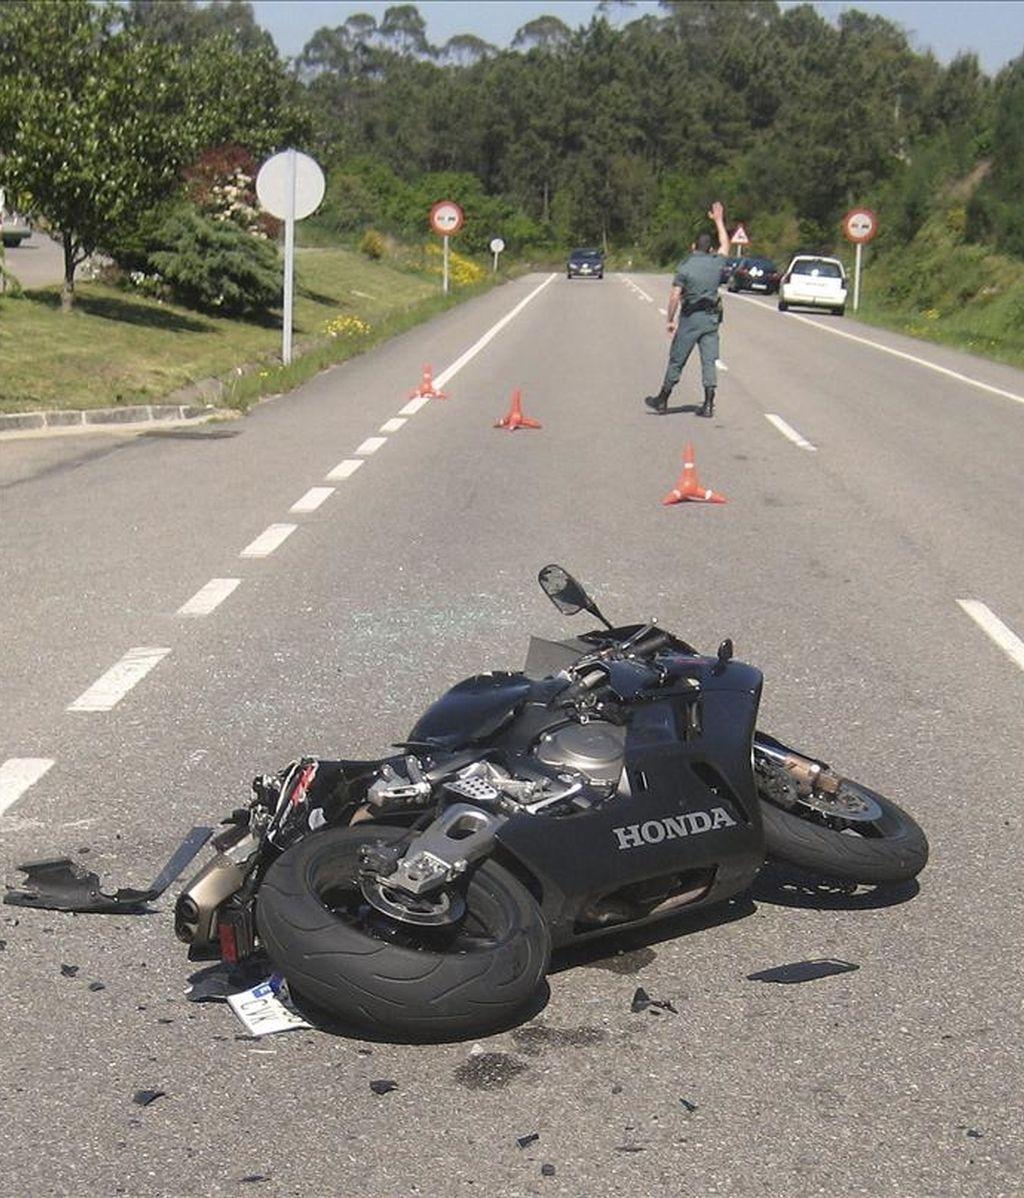 Un hombre de 36 años que conducía una motocicleta falleció ayer a consecuencia de un choque contra un coche que circulaba en sentido opuesto en una carretera pontevedresa. EFE